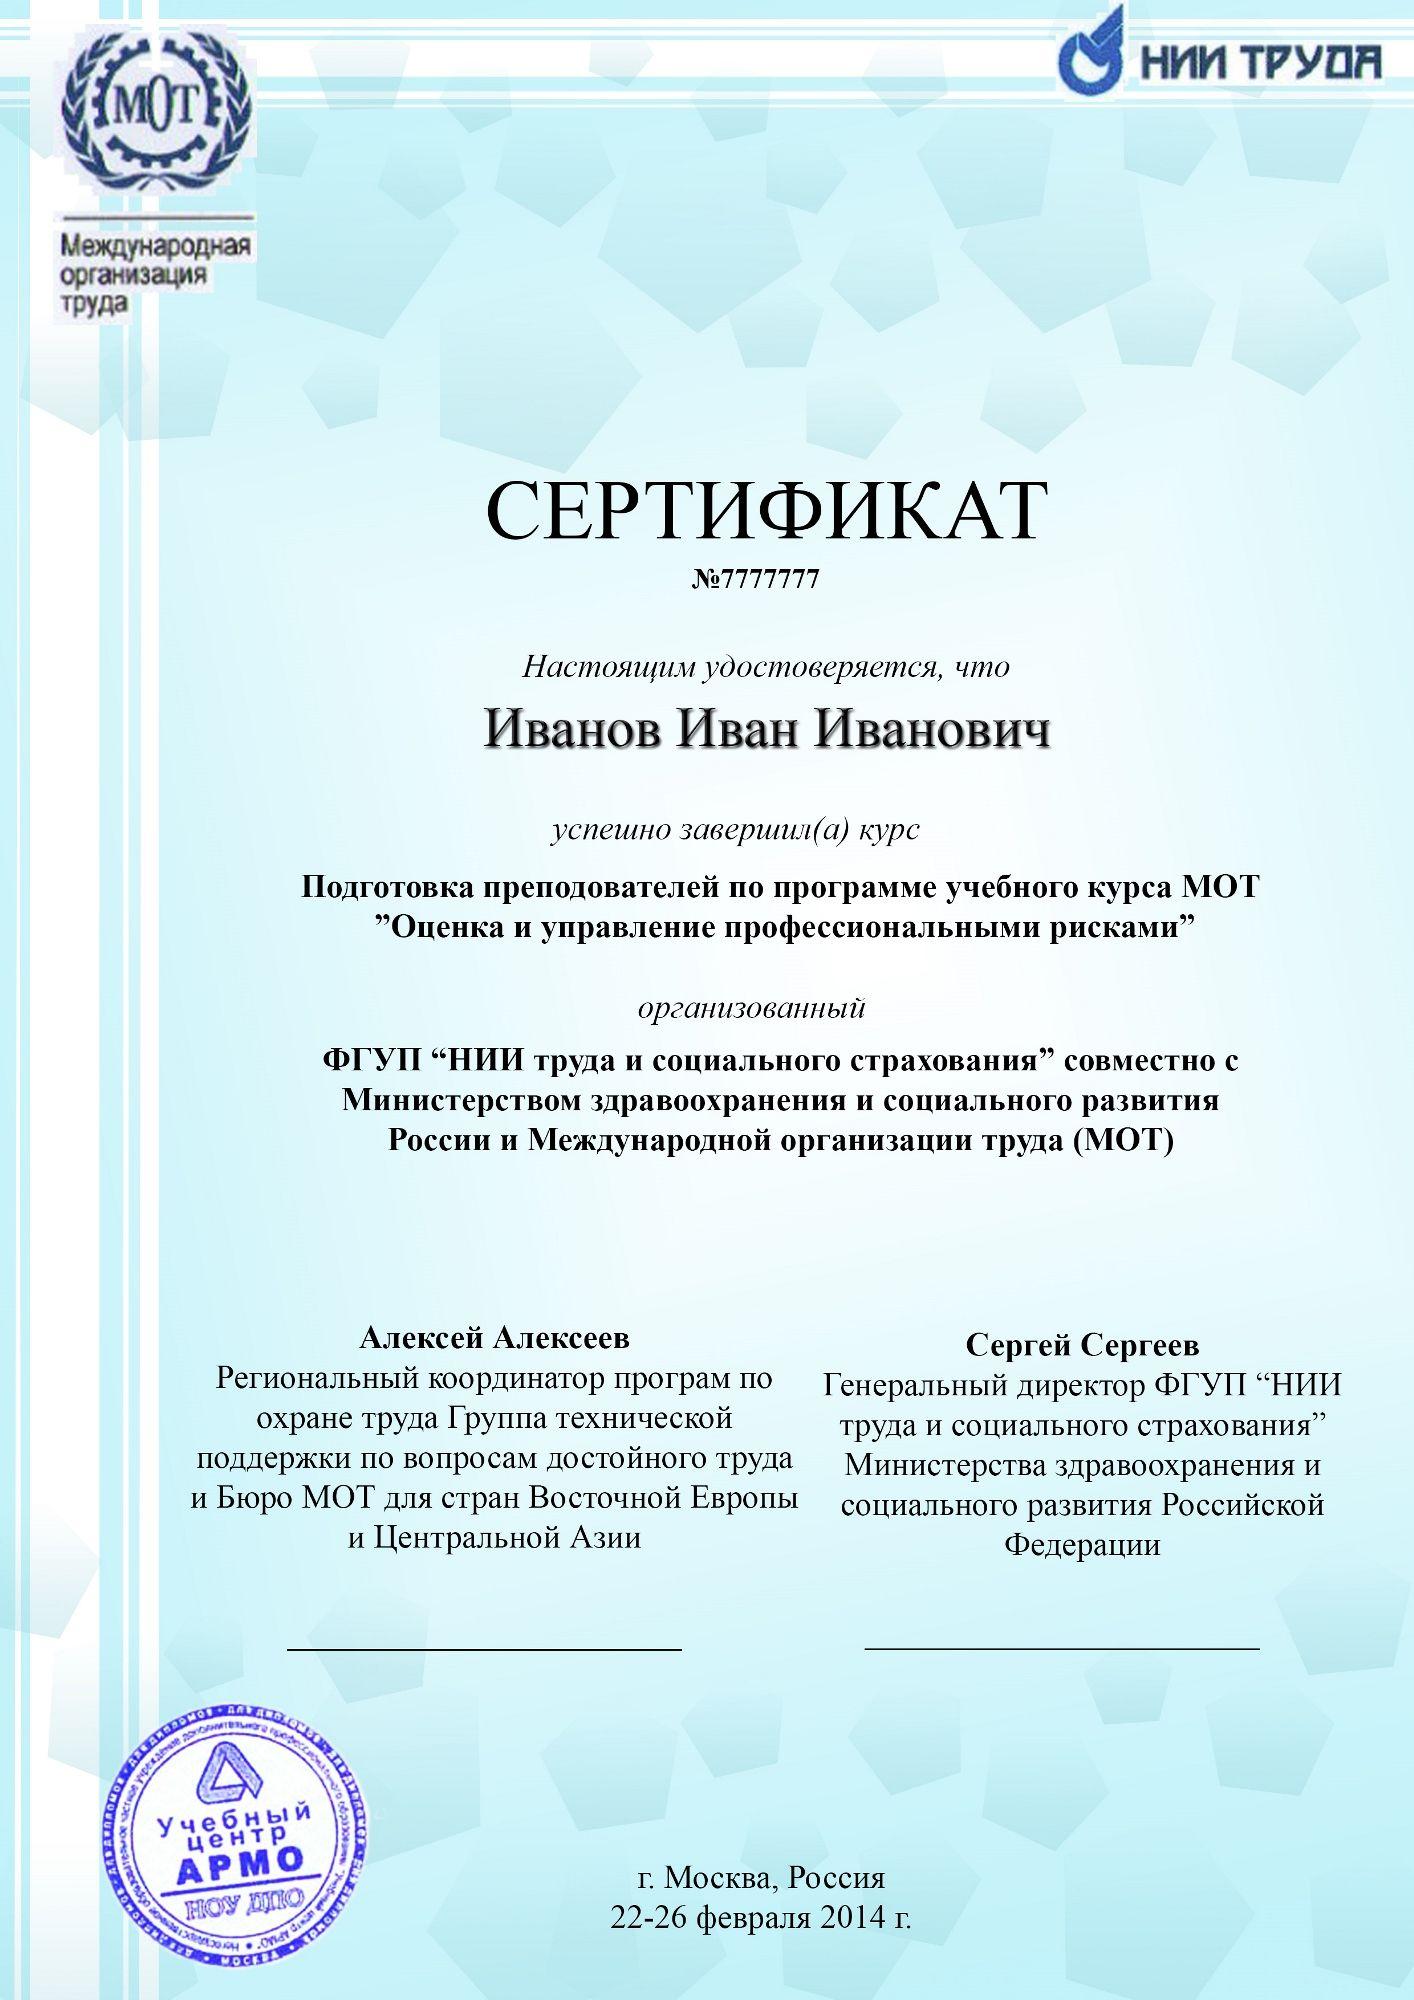 Дизайн сертификата\диплома\грамоты - дизайнер Vegas66